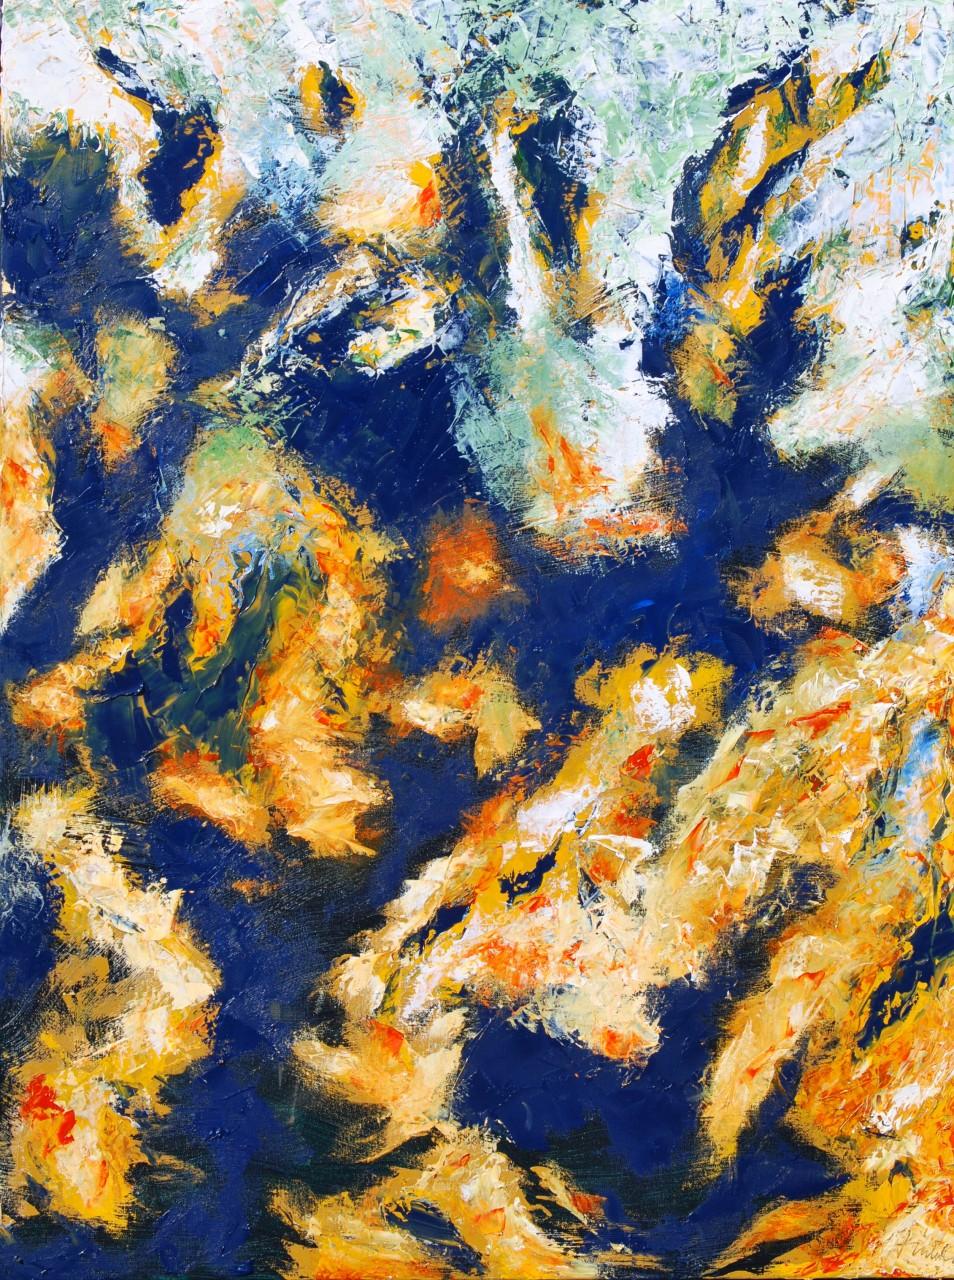 Choices 2 48 x 36 Oil on Canvas